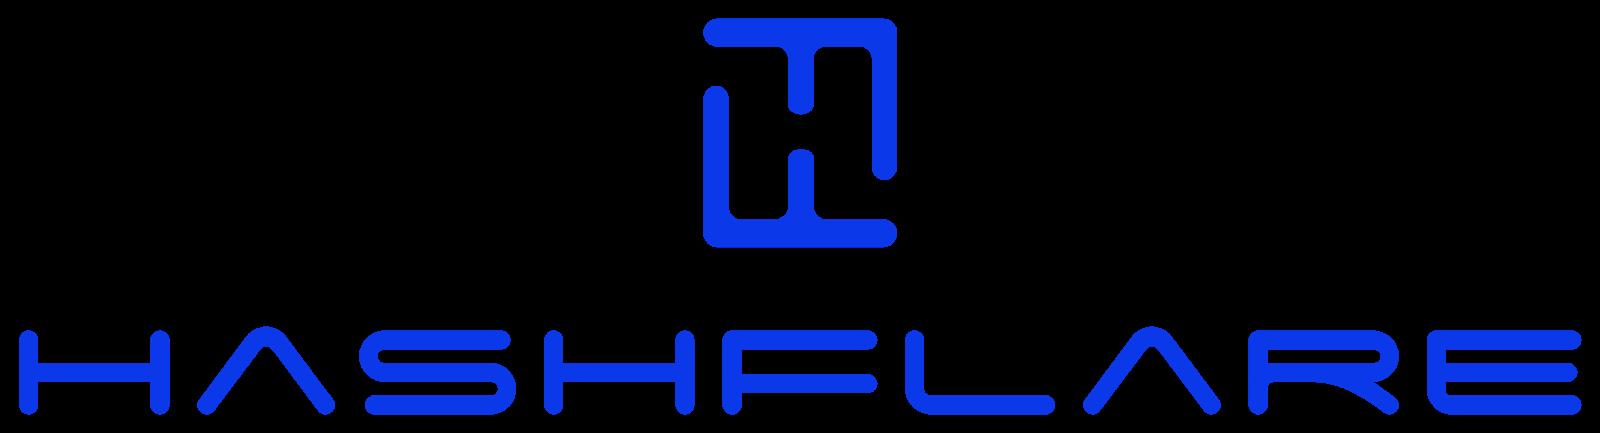 hashflare-logo